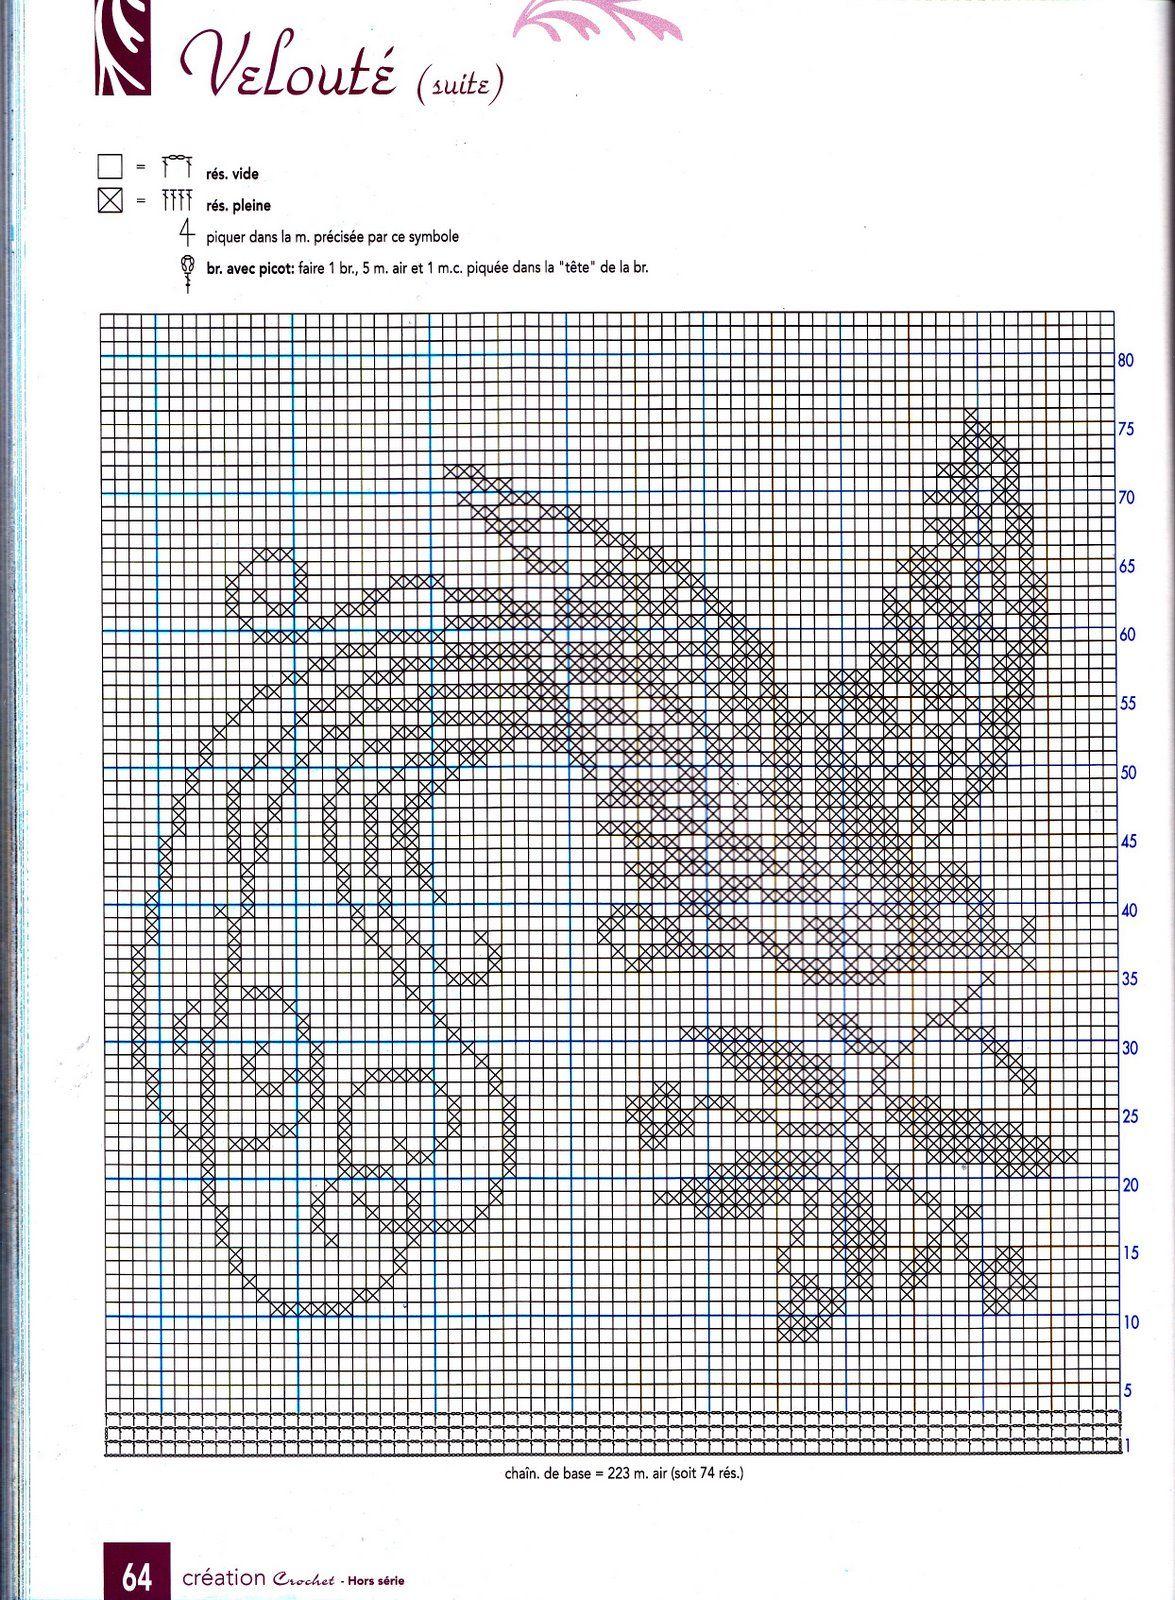 Aaiyovms | Crochet filet | Pinterest | Croché, Bordado y Crochet ...